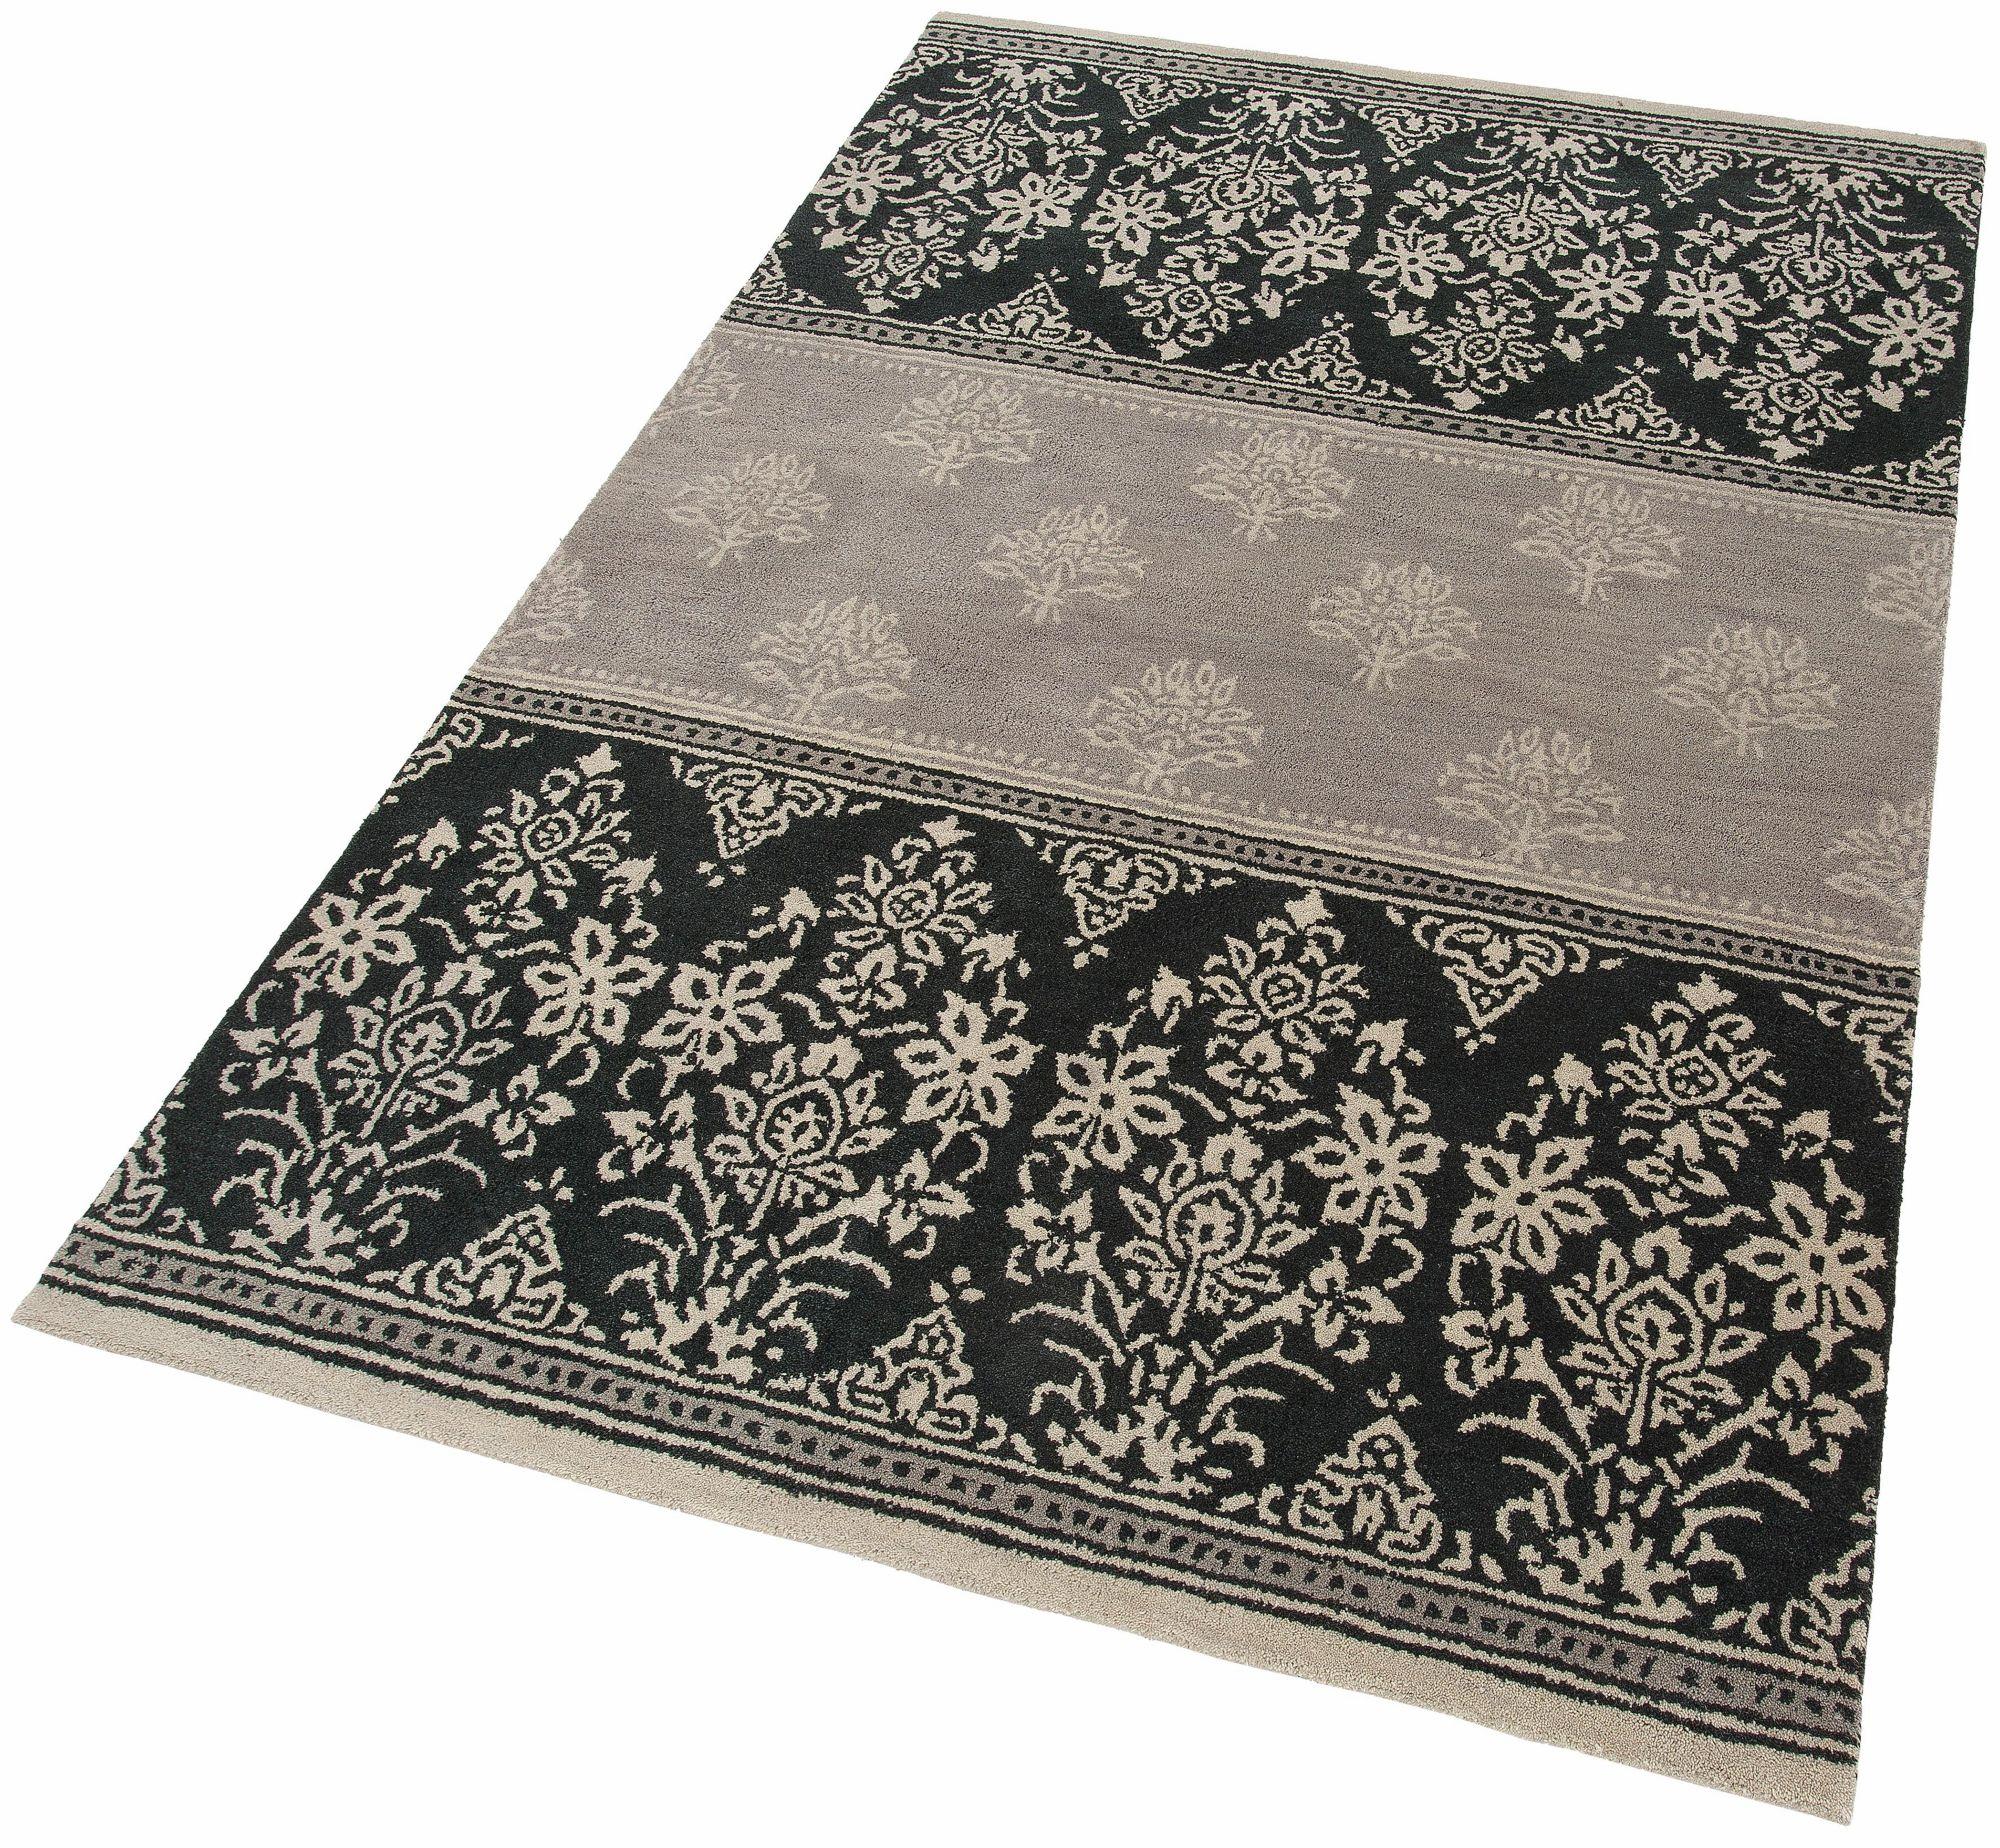 HOME AFFAIRE COLLECTION Teppich, Home affaire Collection, »Allegra«, reine Schurwolle, handgetuftet